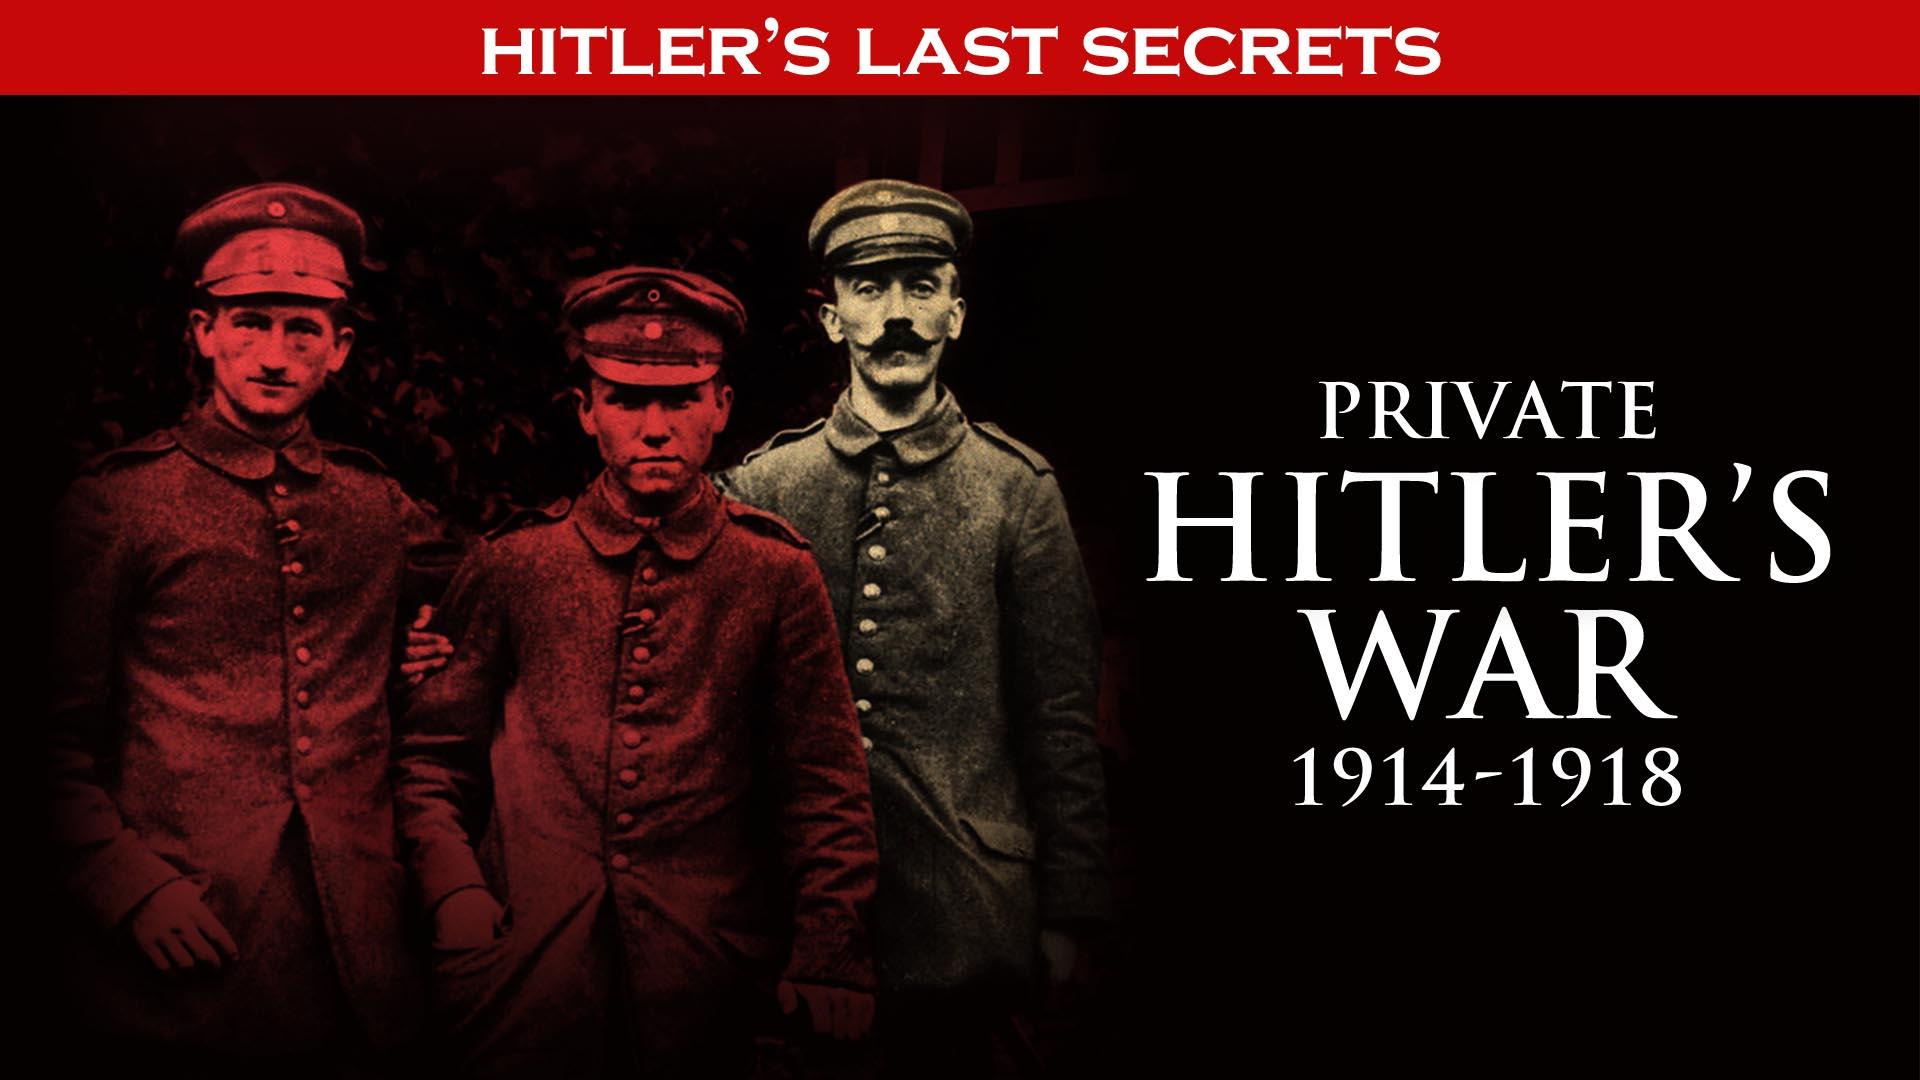 Hitler's Last Secrets: Private Hitler's War -